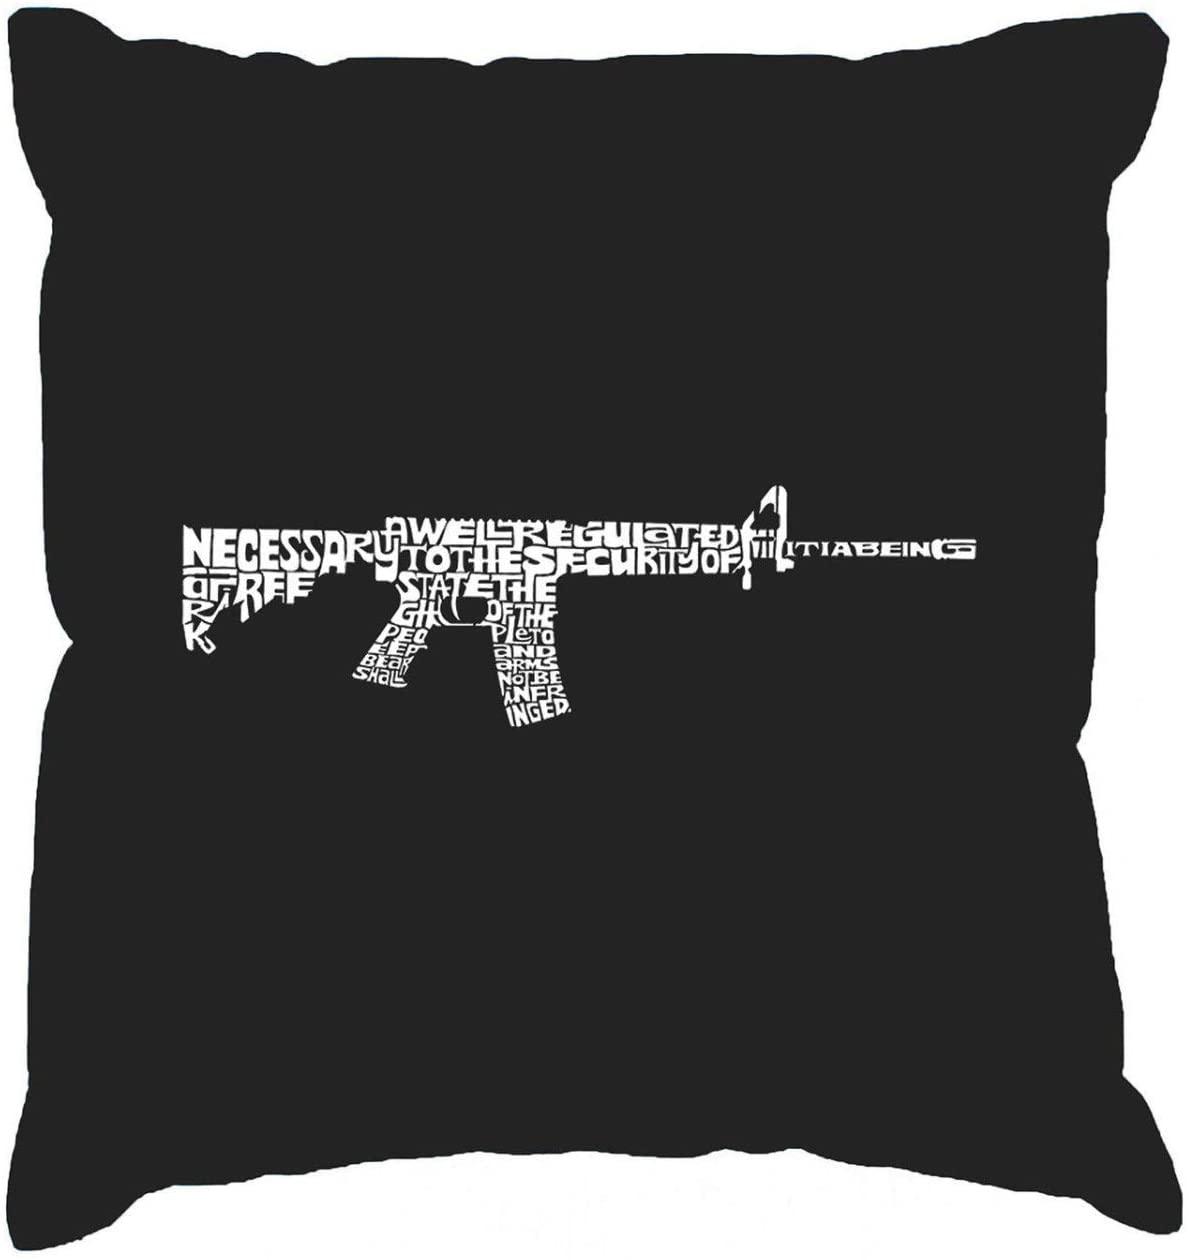 EricauBird Throw Pillow Cover- Throw Pillow Cover Word Art AR15 2nd Amendment Word Art, 18x18